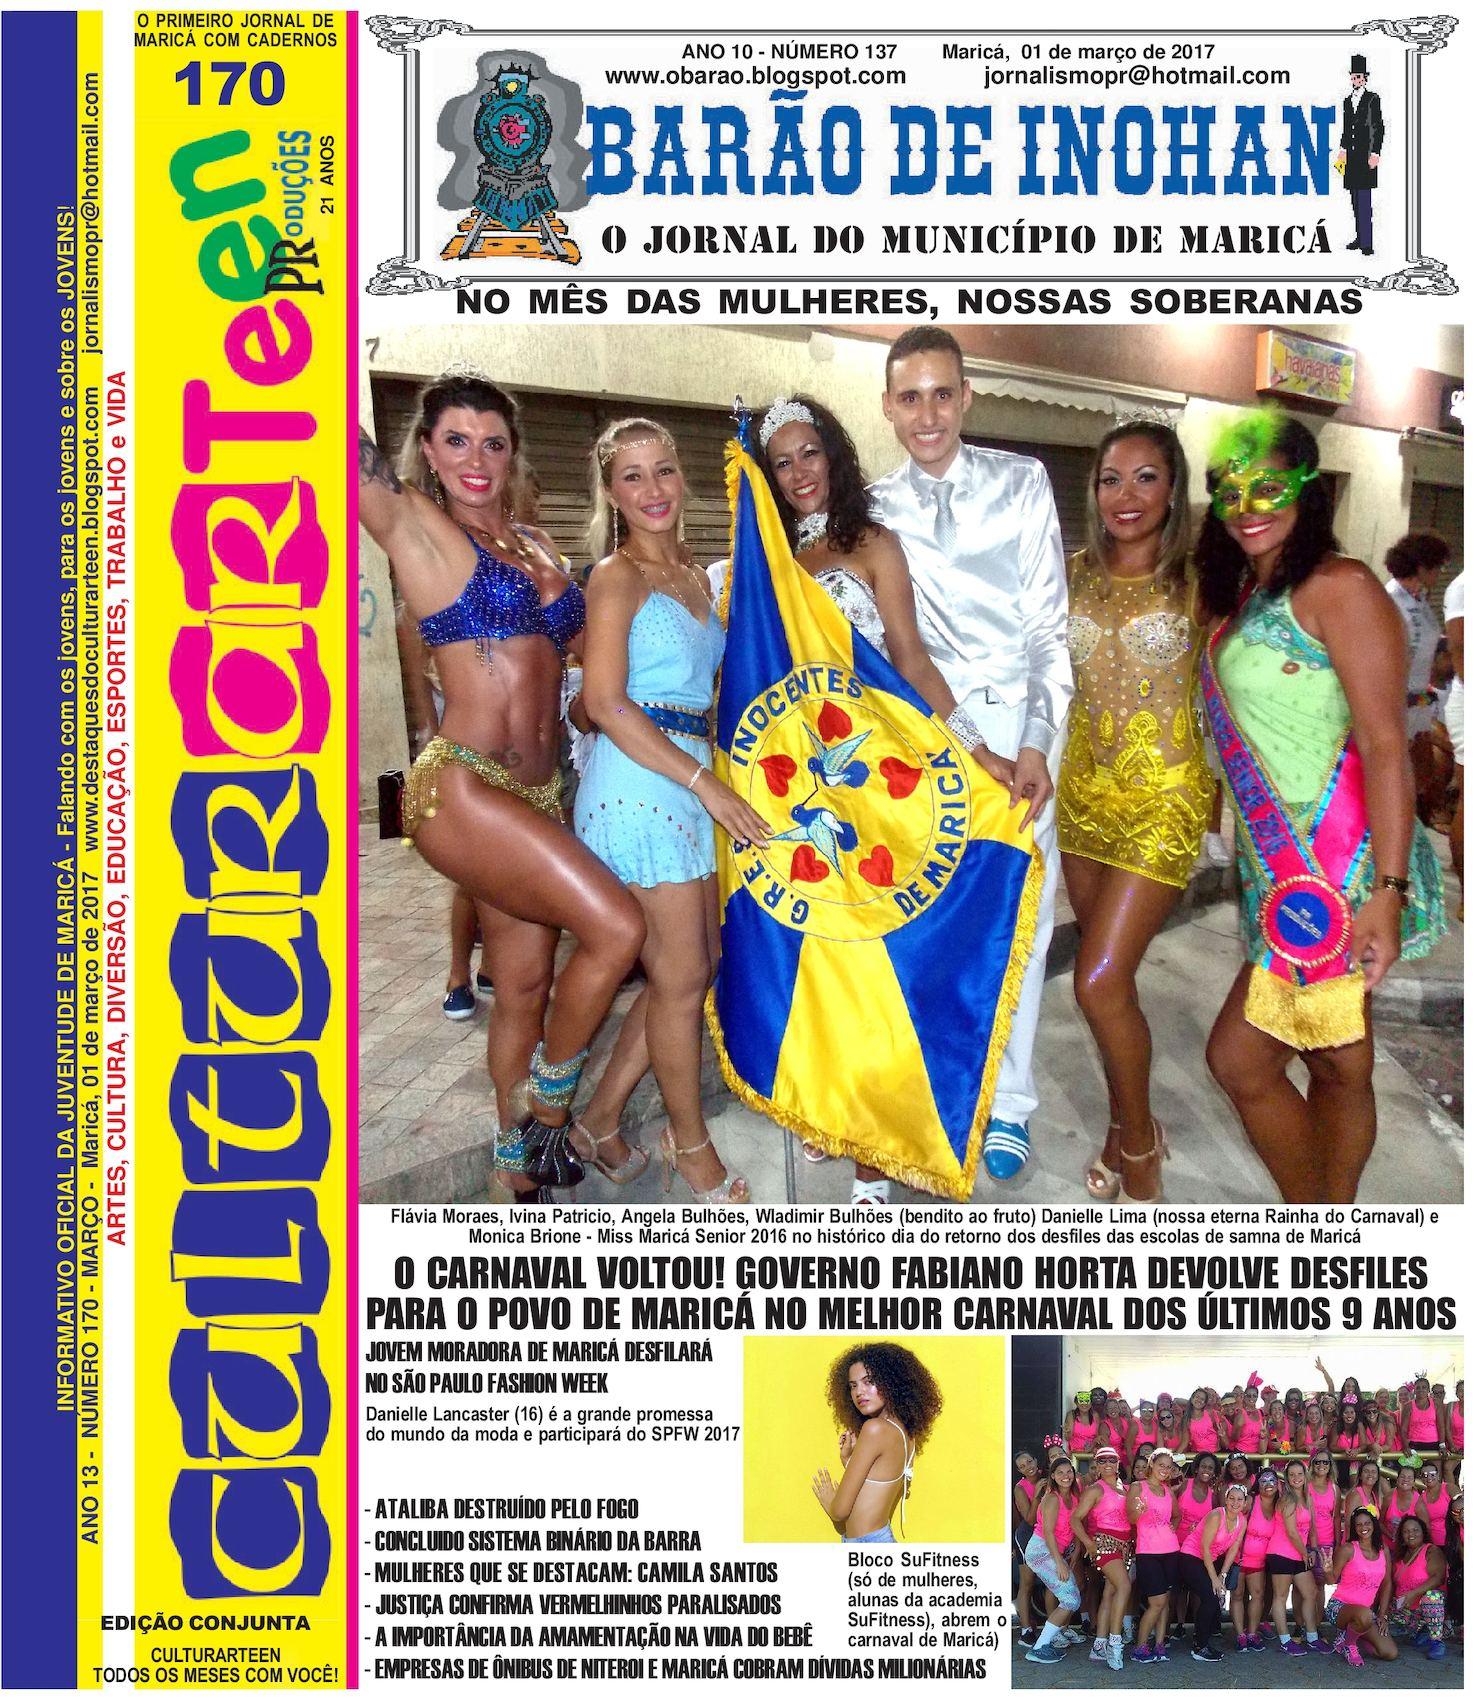 CULTURARTEEN 170  BARÃO DE INOHAN 137